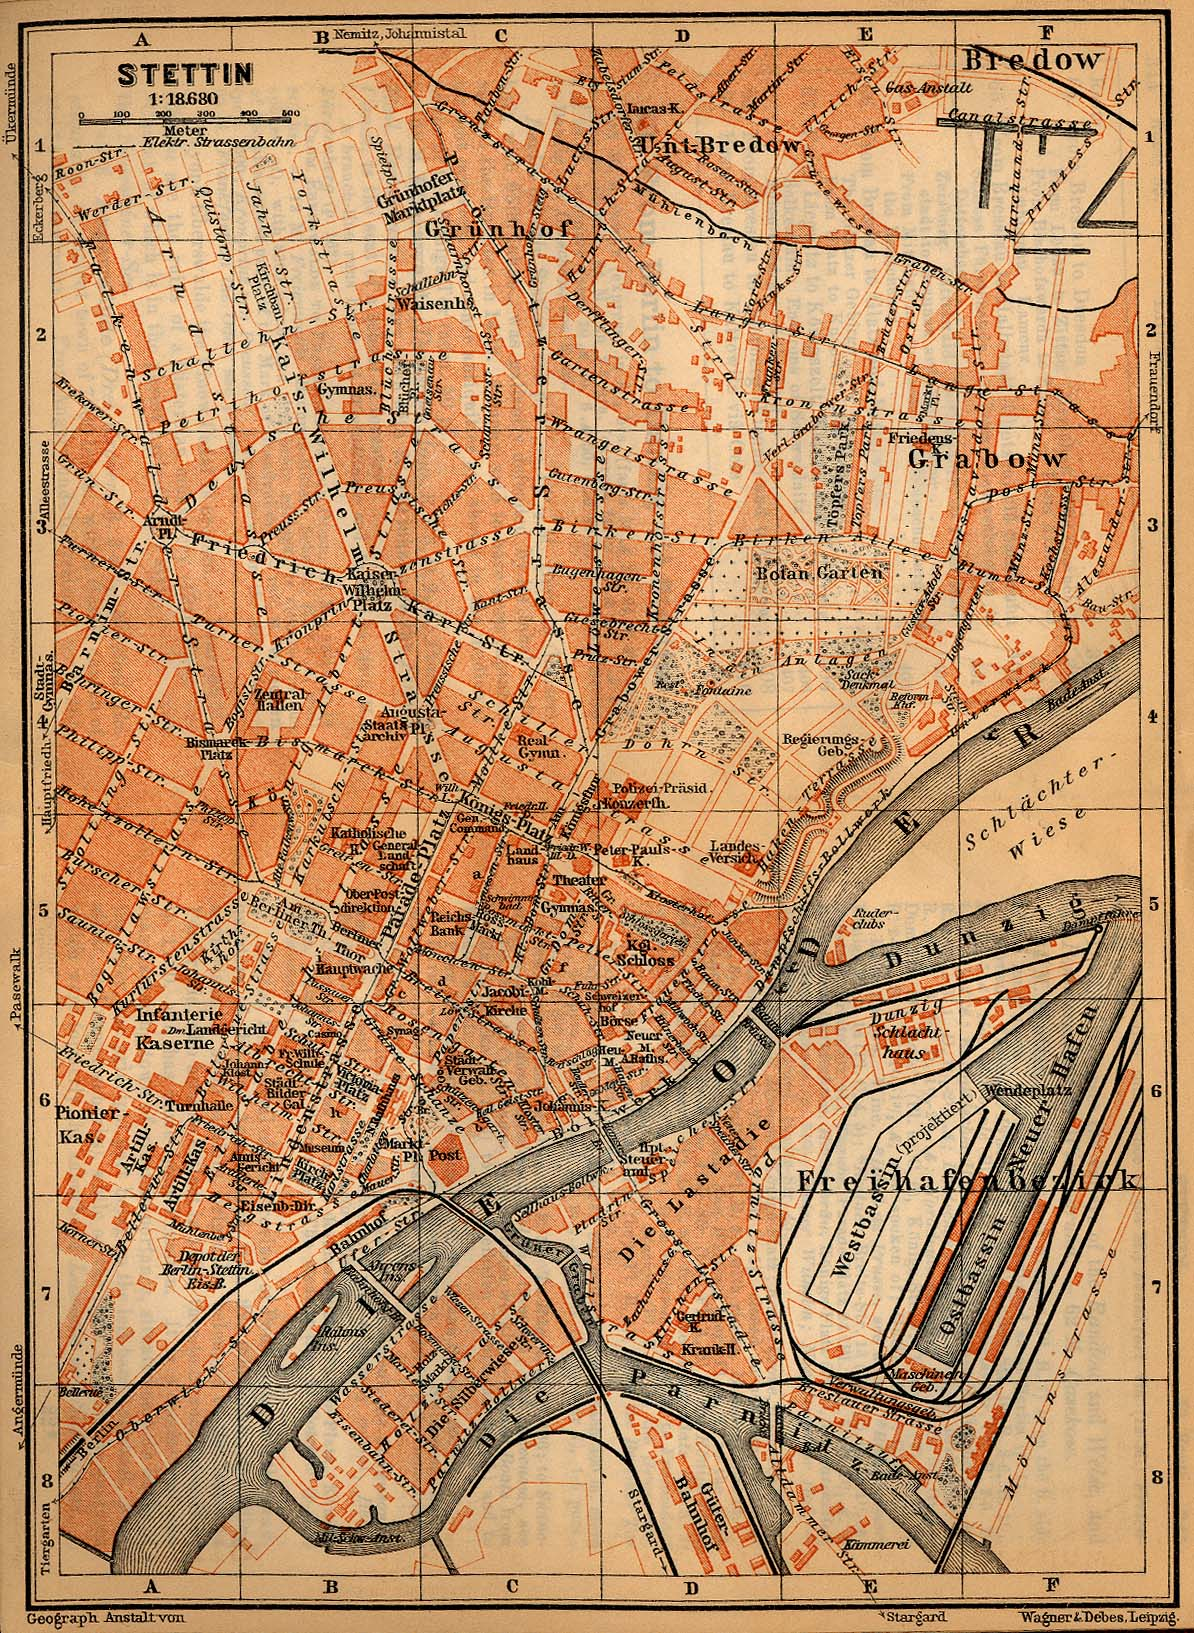 Mapa de Szczecin (Stettin), Alemania 1910